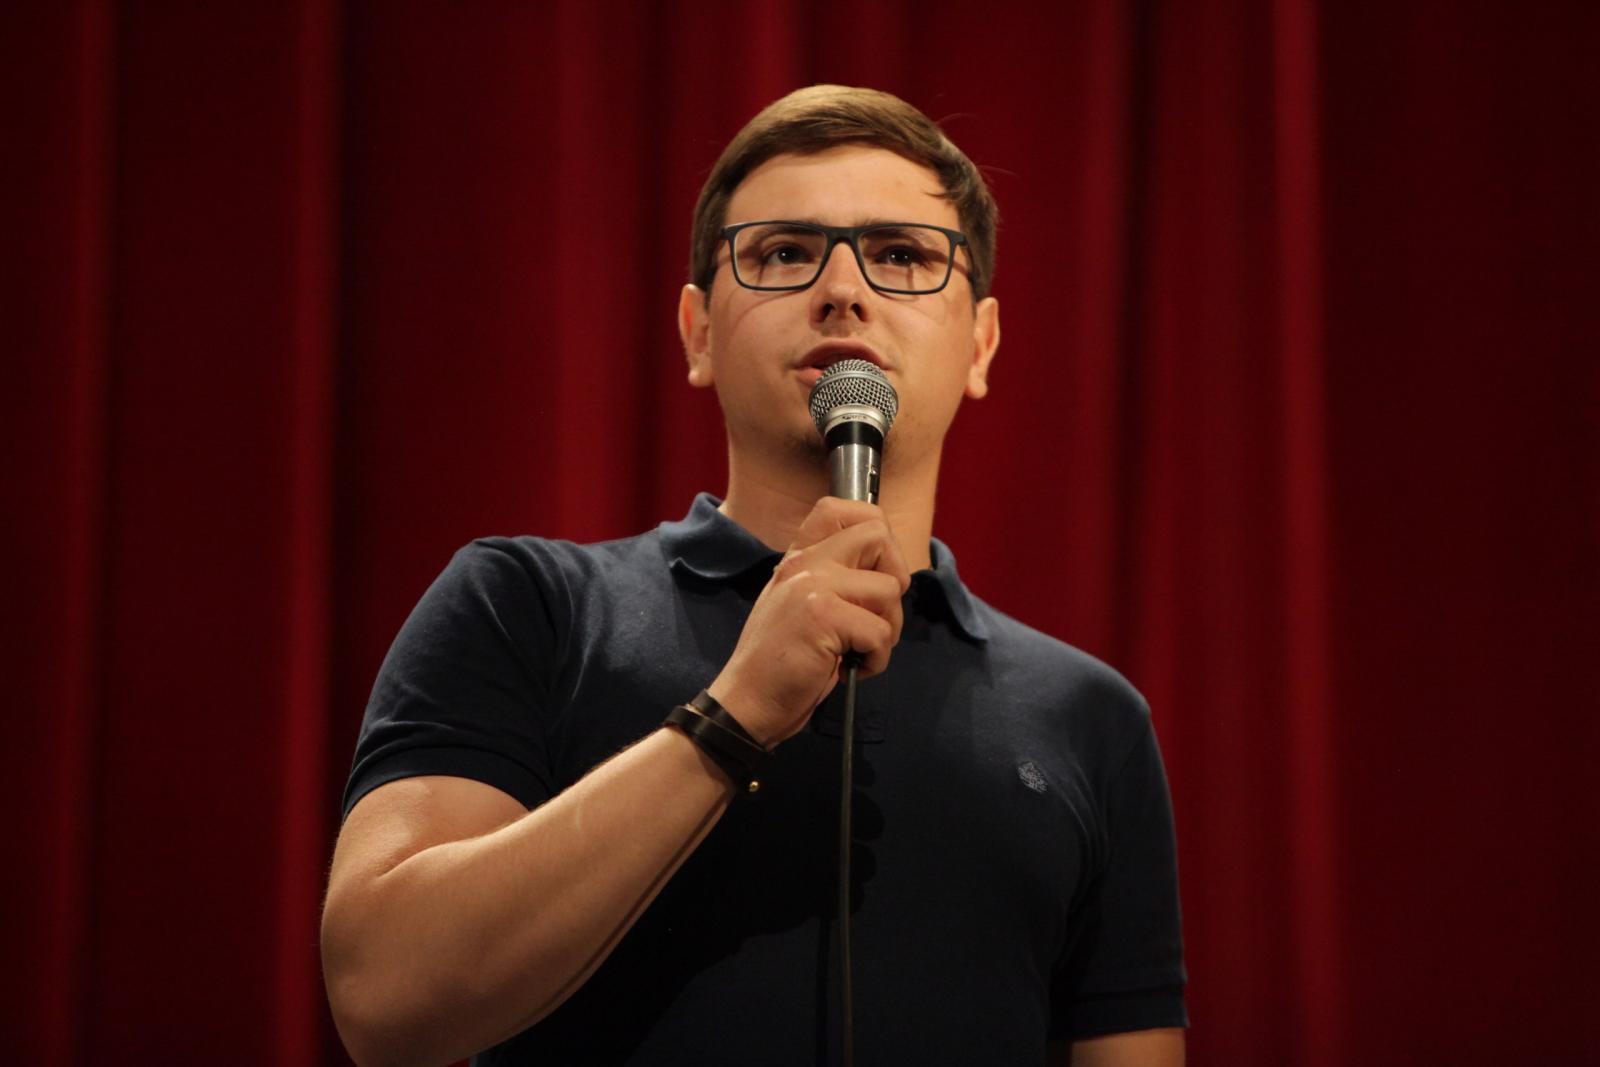 В Брянск приедет известный стендап-комик Руслан Халитов